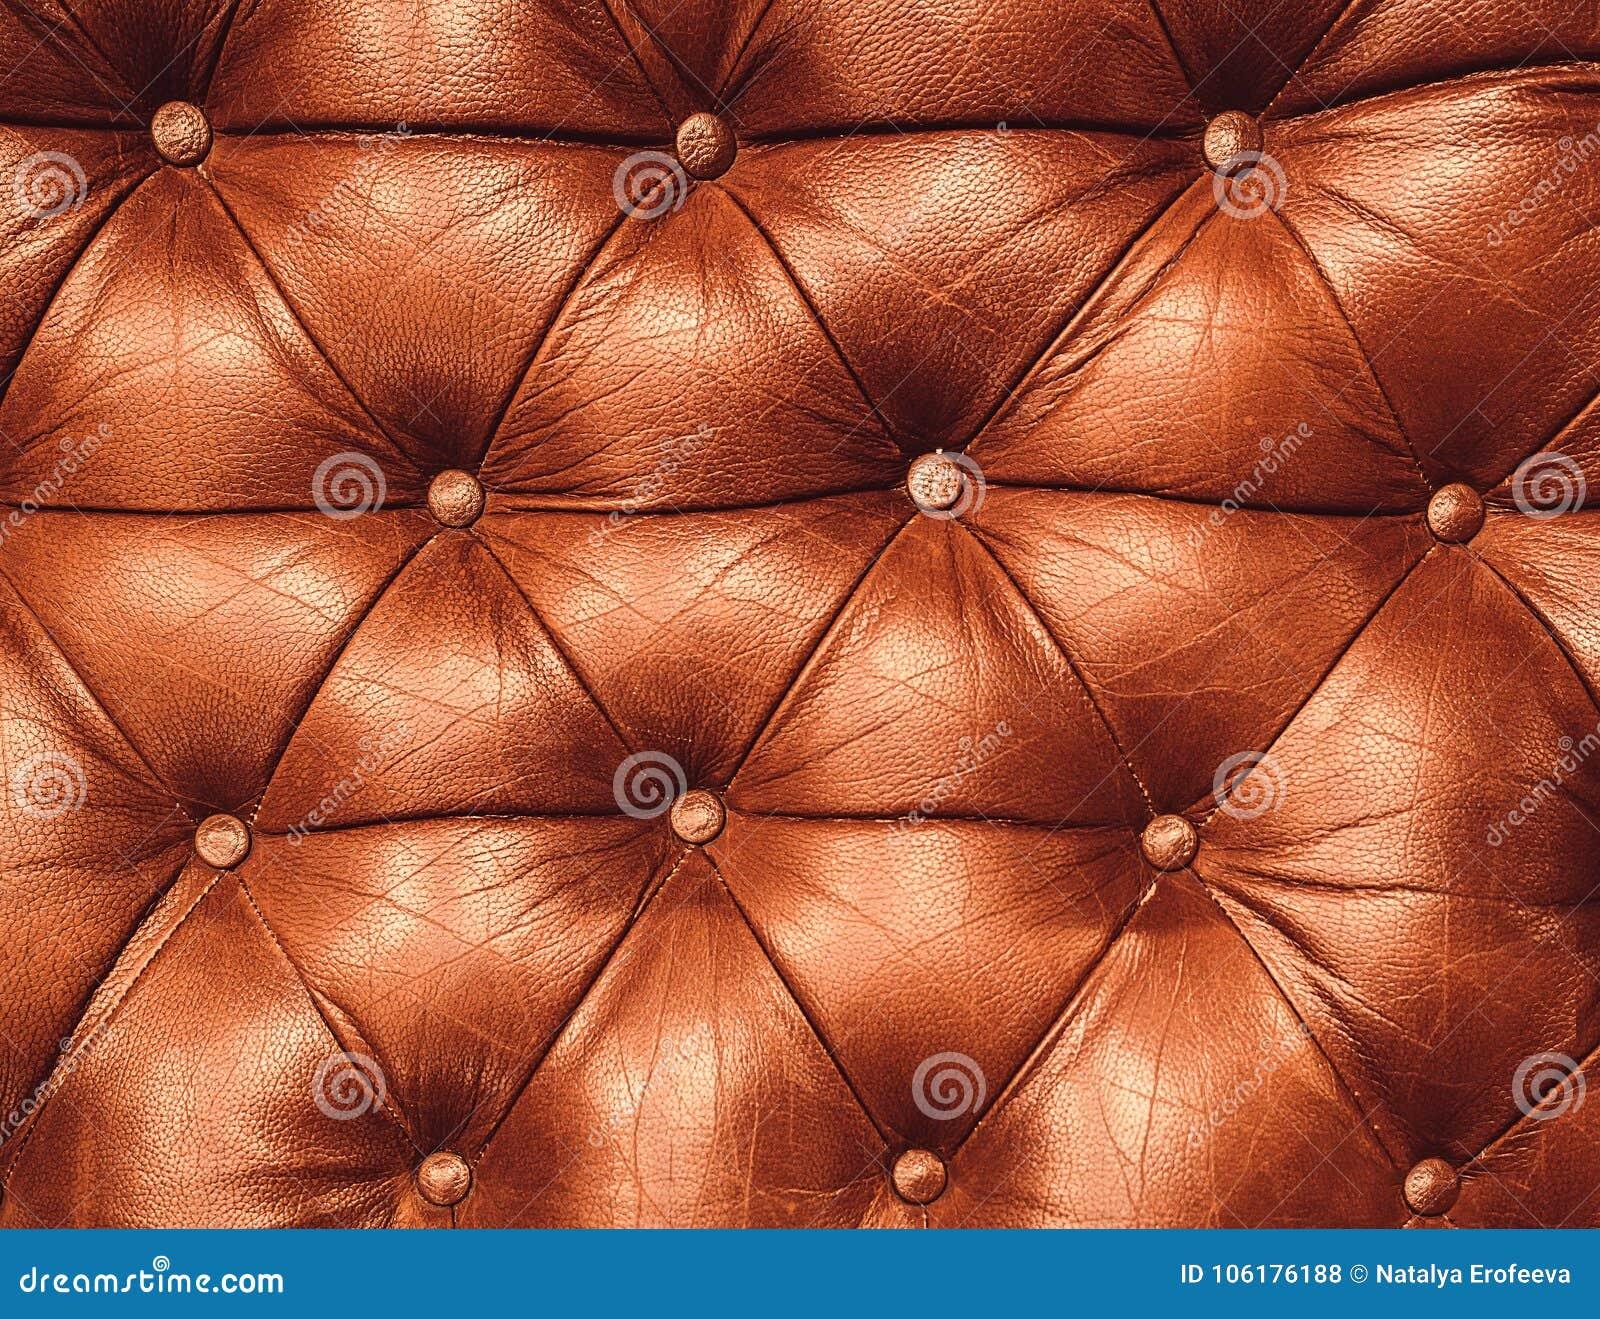 Dekoracyjny imbirowy tło prawdziwa skóra Dekoracyjny brown tło prawdziwej skóry capitone tekstura